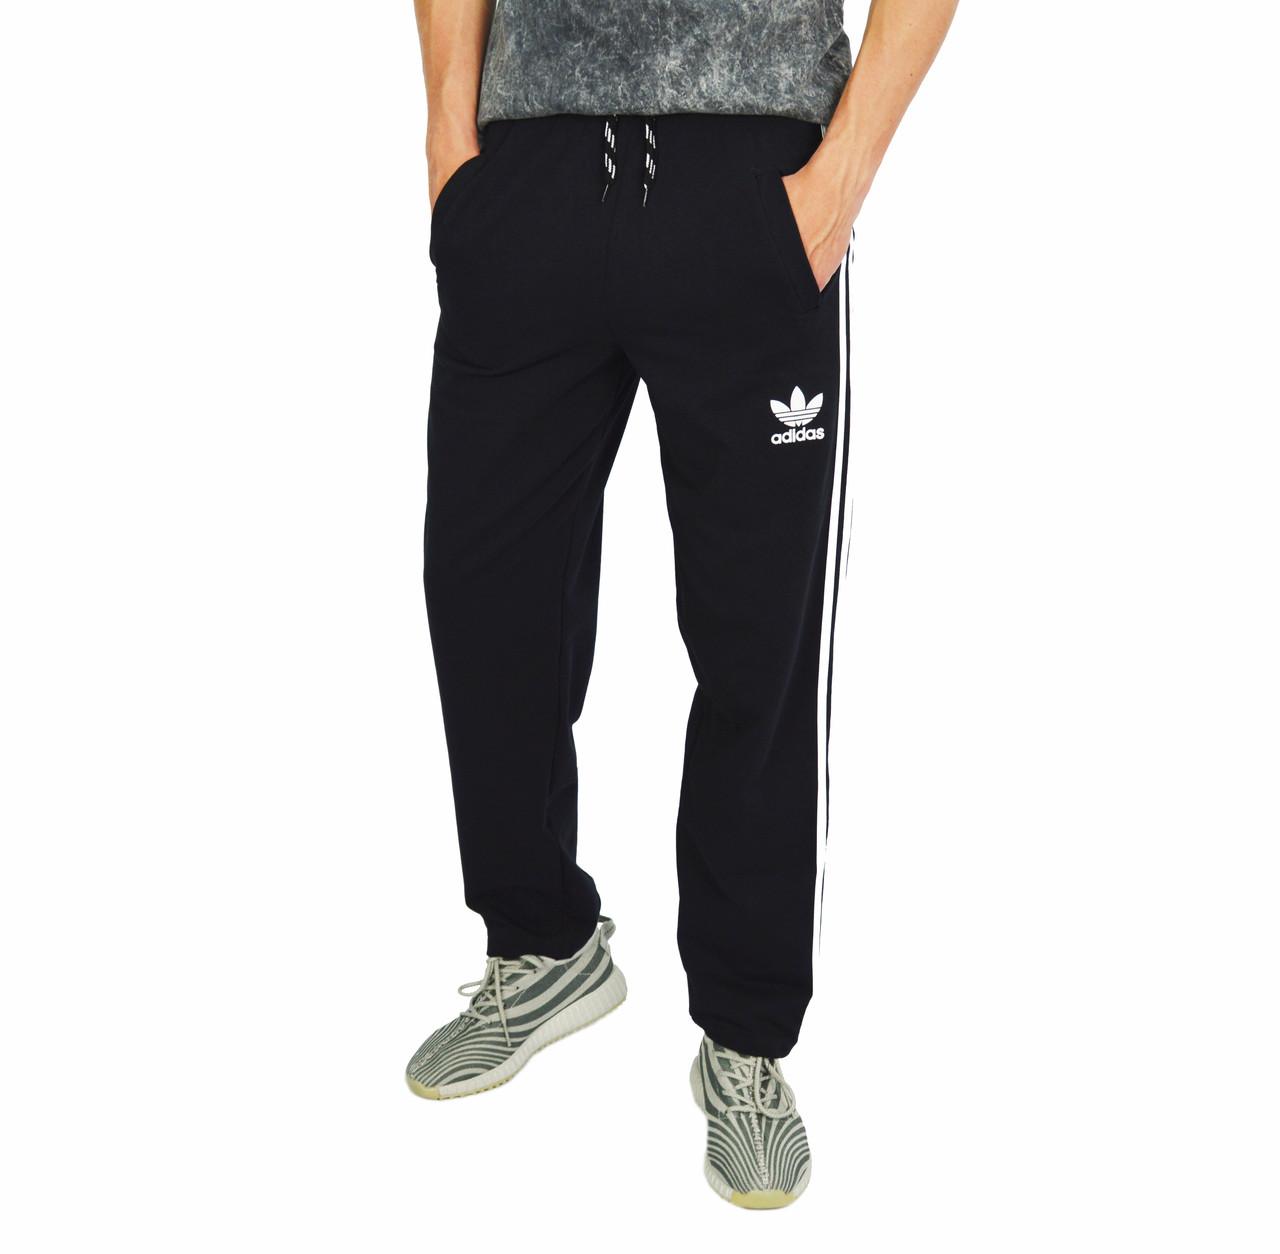 Черные мужские спортивные трикотажные штаны ADIDAS   продажа, цена в ... af459d22eb0